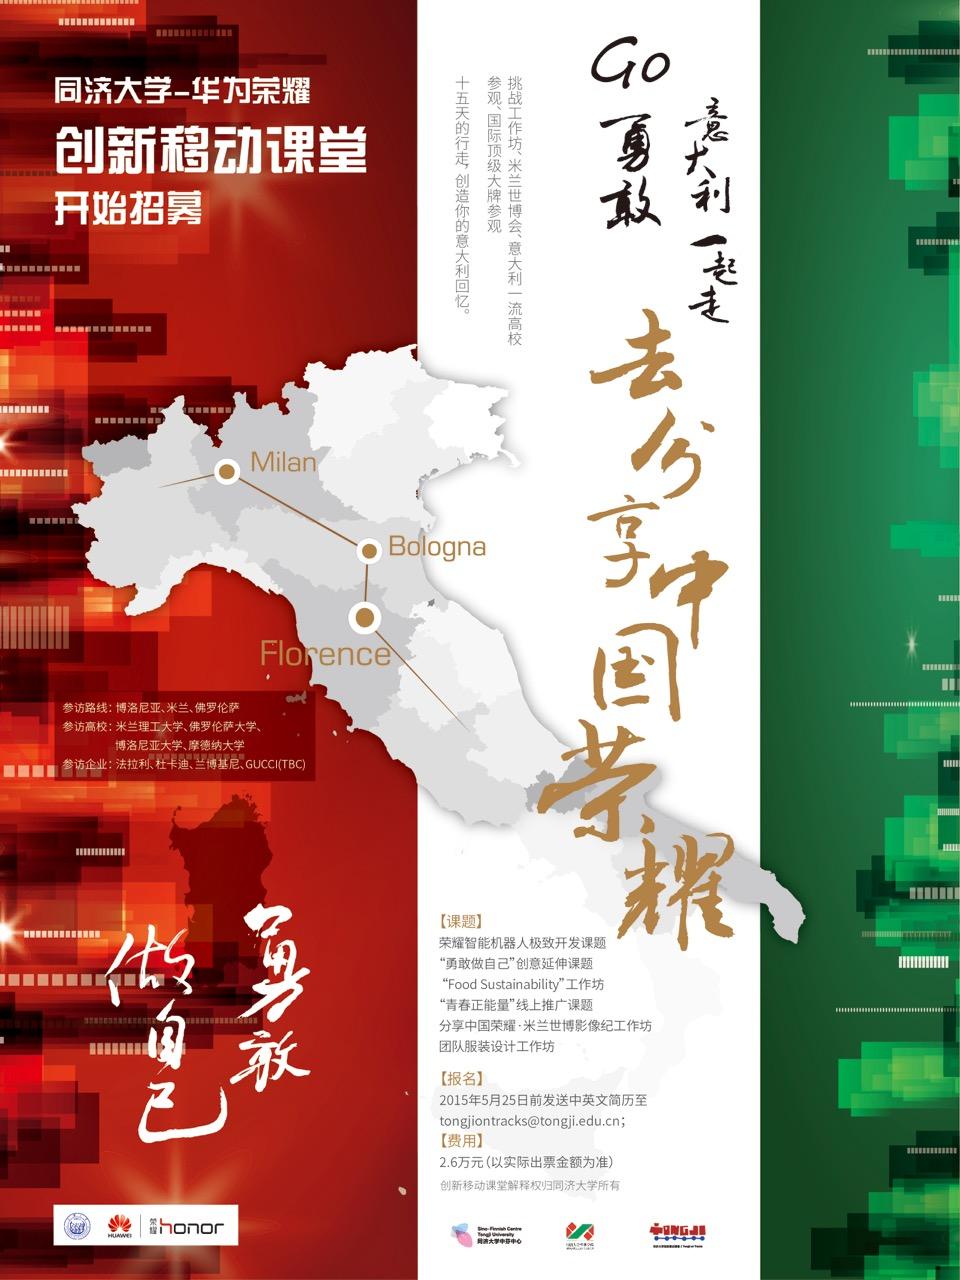 华为手机荣耀上海同济大学共启海外自主创新移动课堂,共享我国荣誉